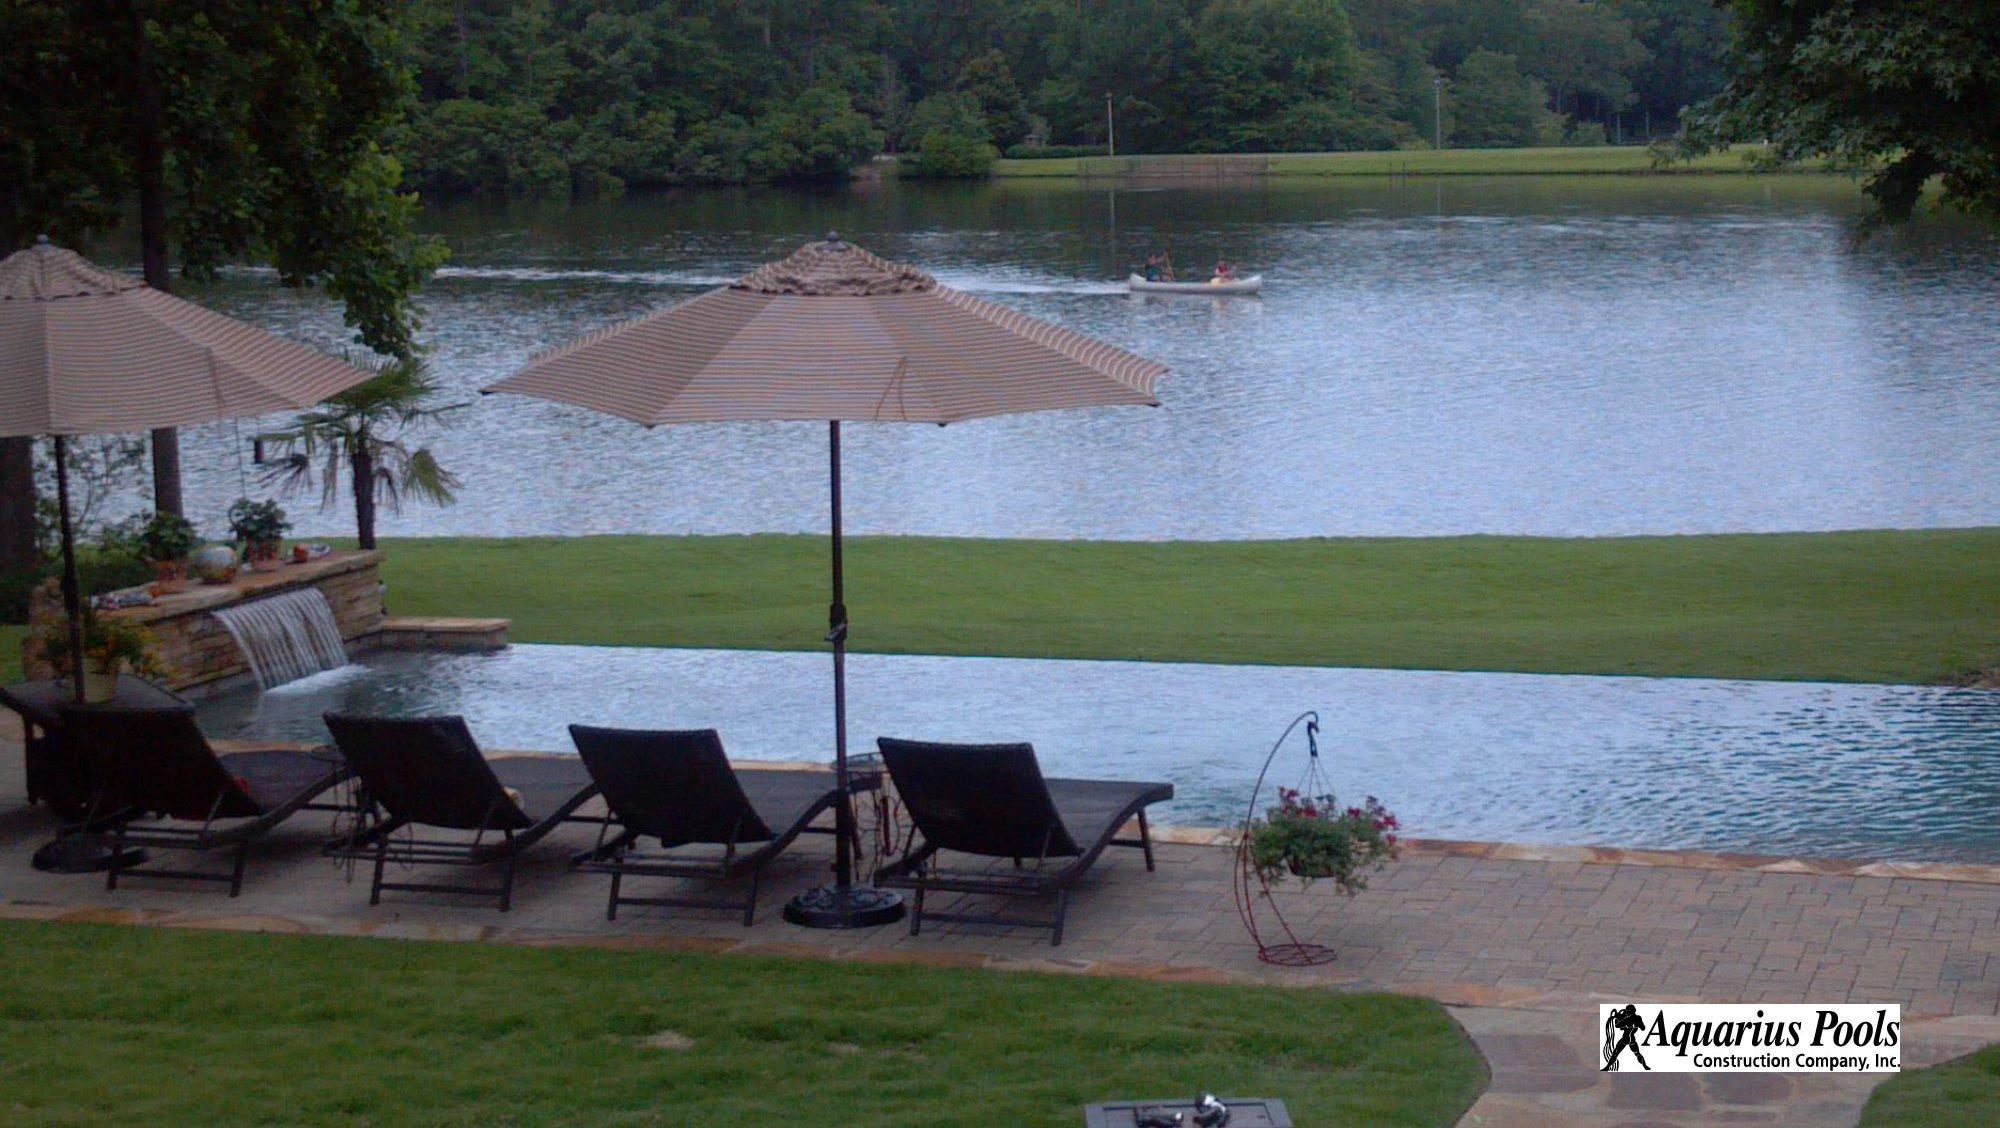 ... Shotcrete Pool #003 By Aquarius Pools Construction ...